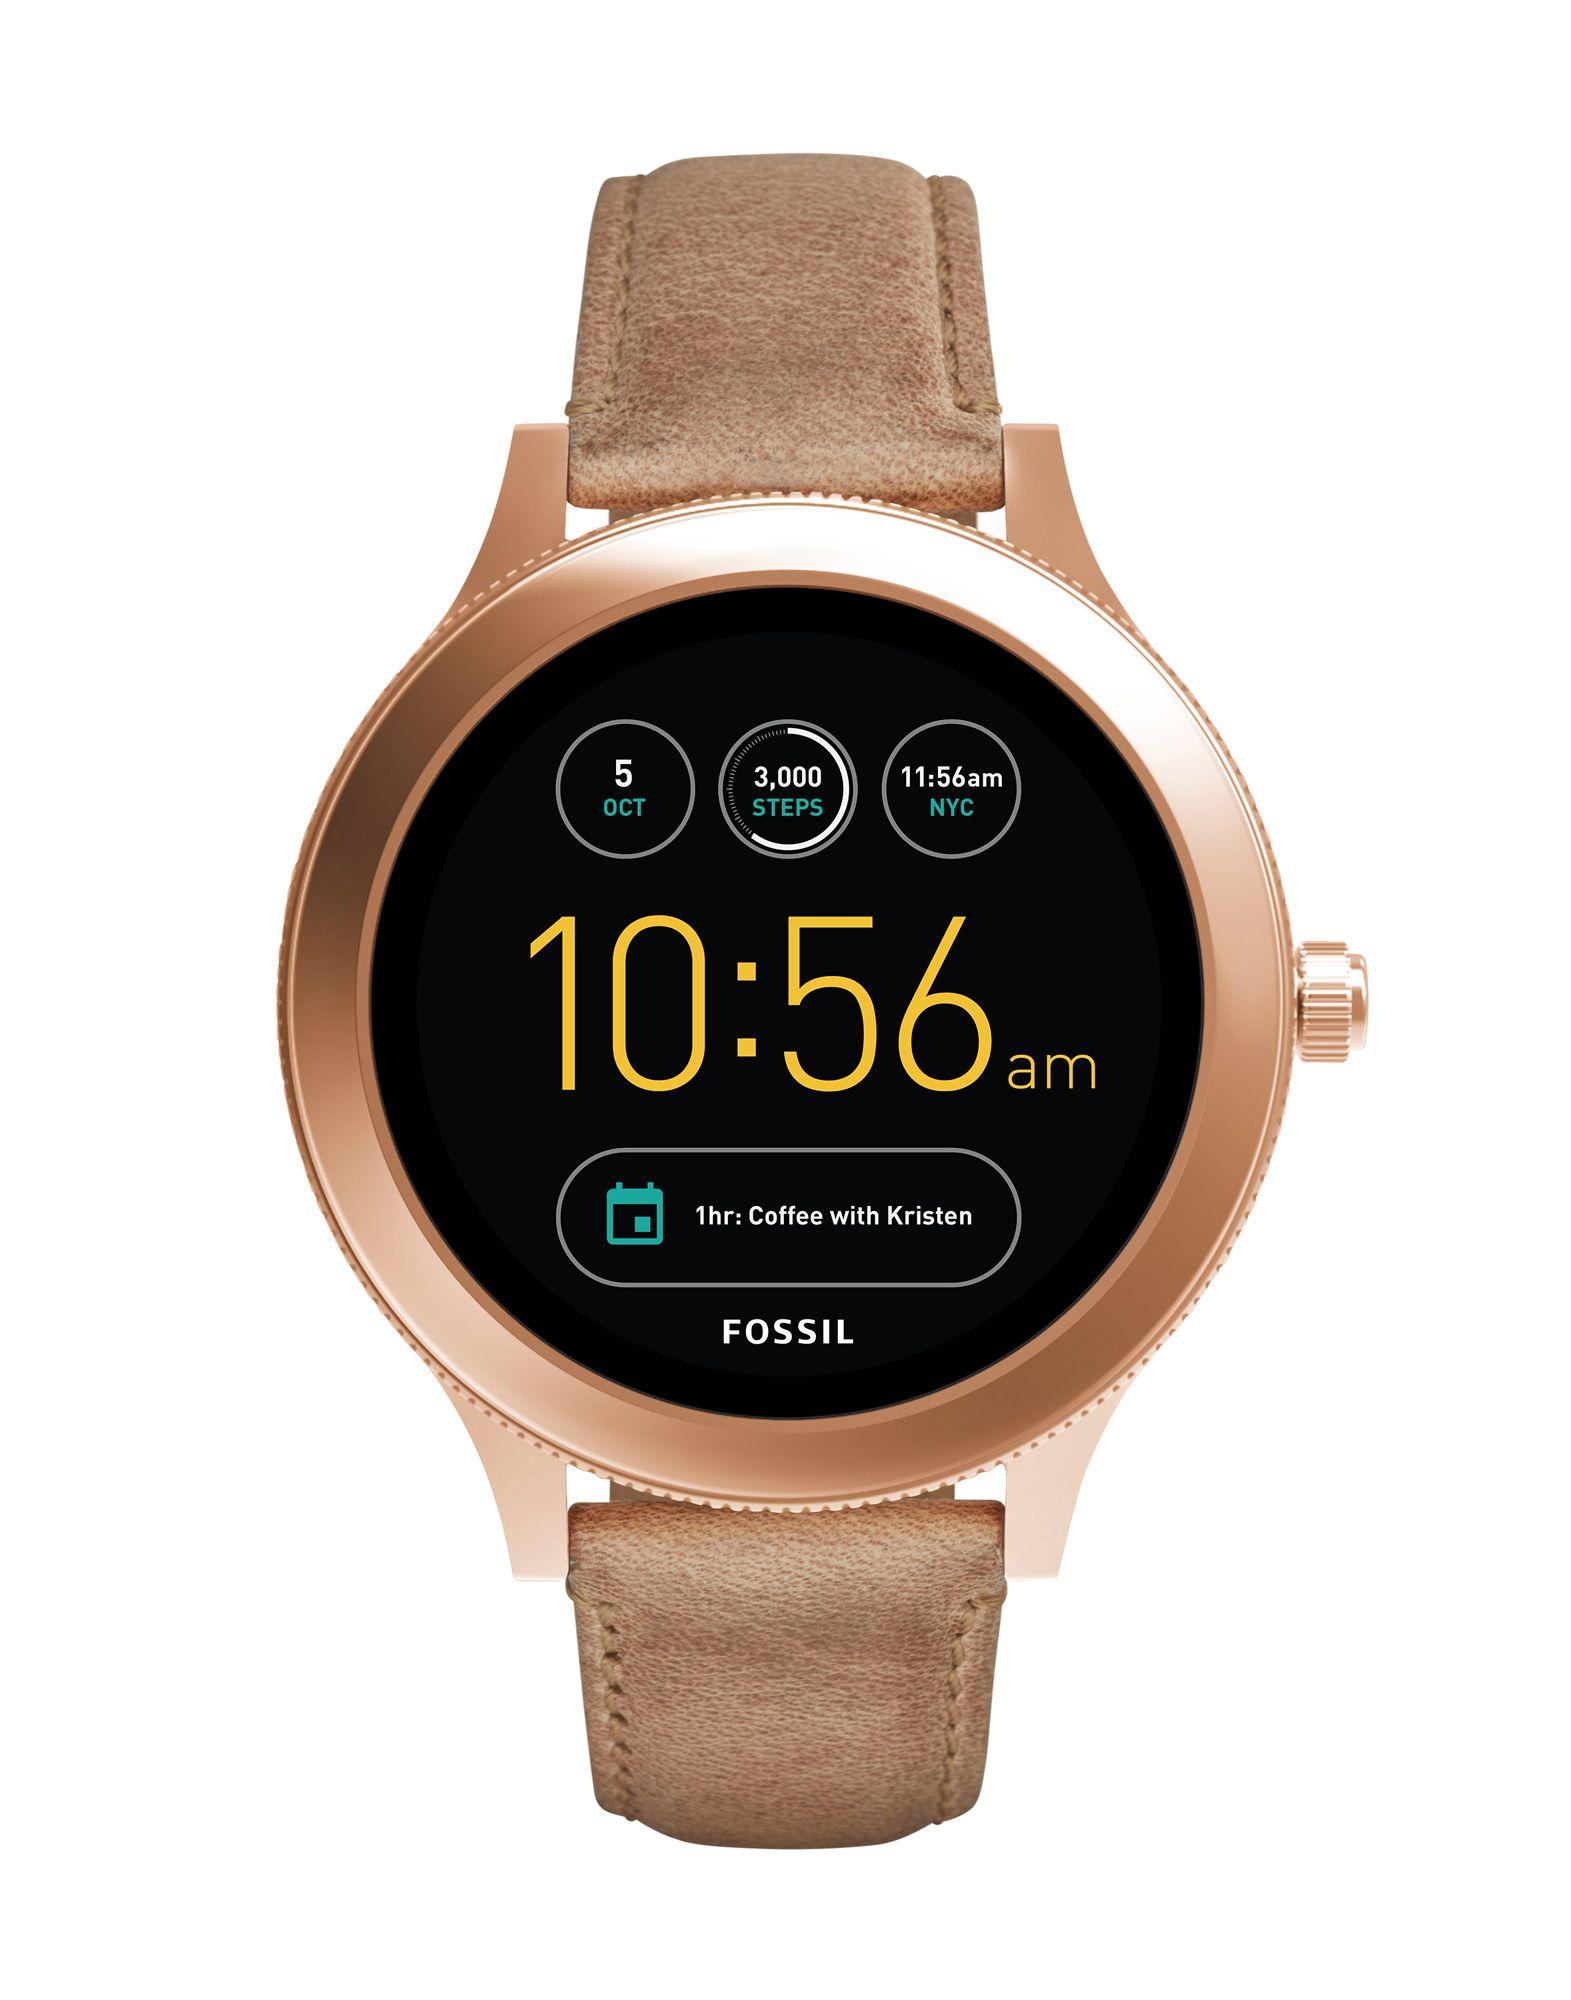 FOSSIL Q Damen Smartwatch Farbe Beige Größe 1 - broschei